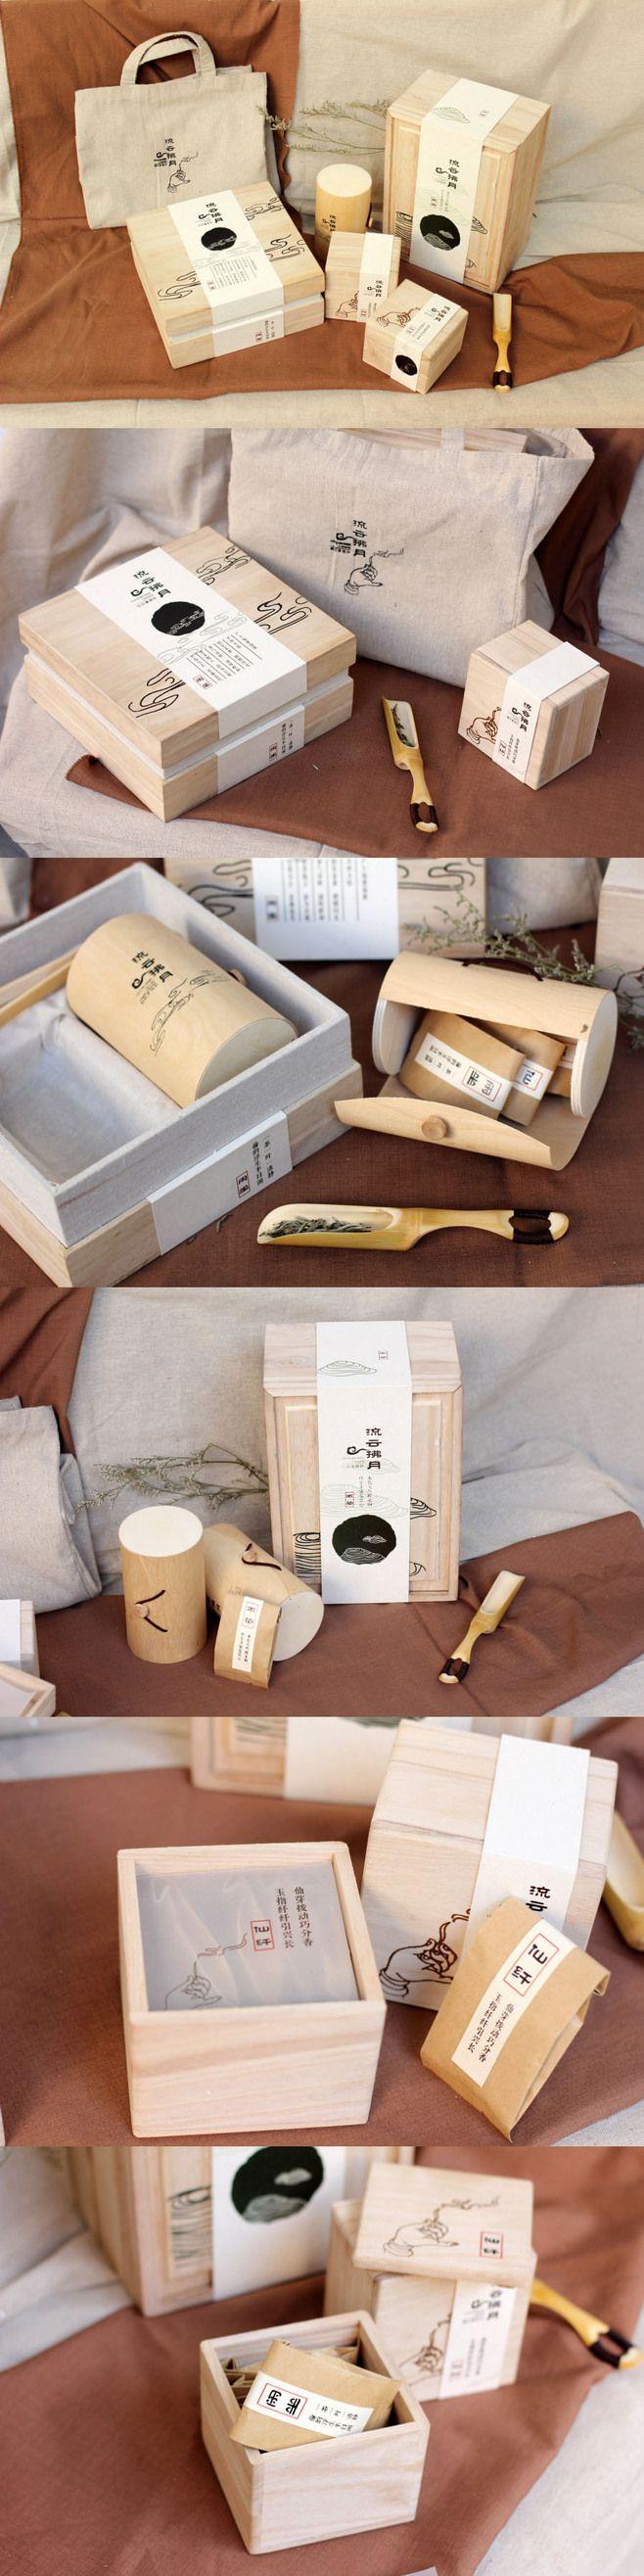 白毫银针茶包装设计@七言设计采集到包装(710图)_花瓣平面设计